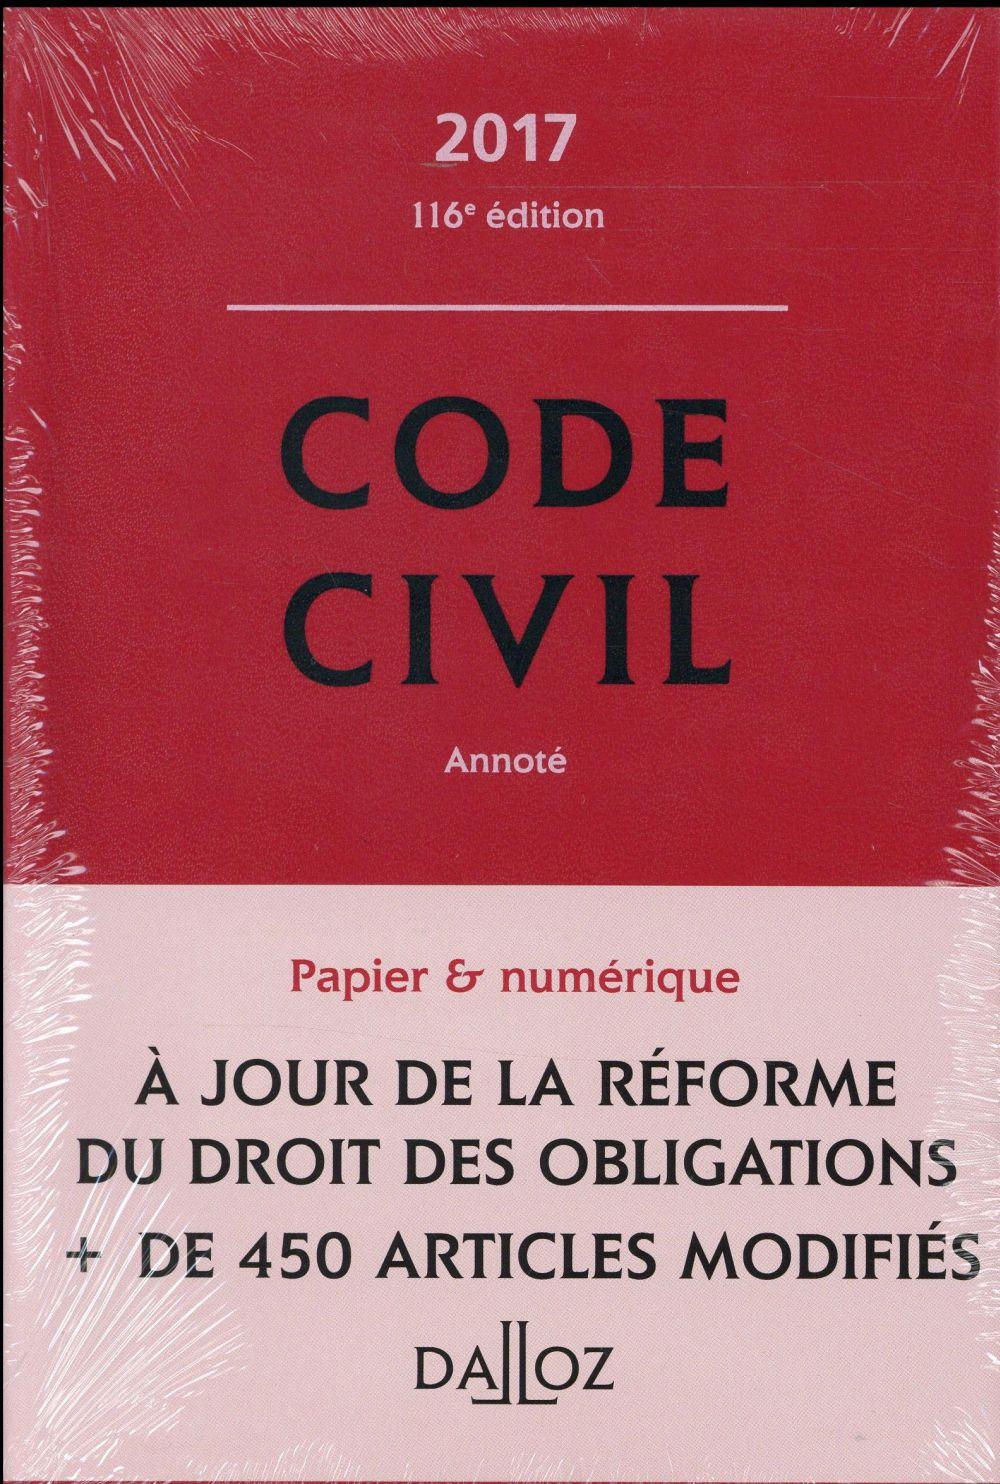 Code civil annoté (édition 2017)